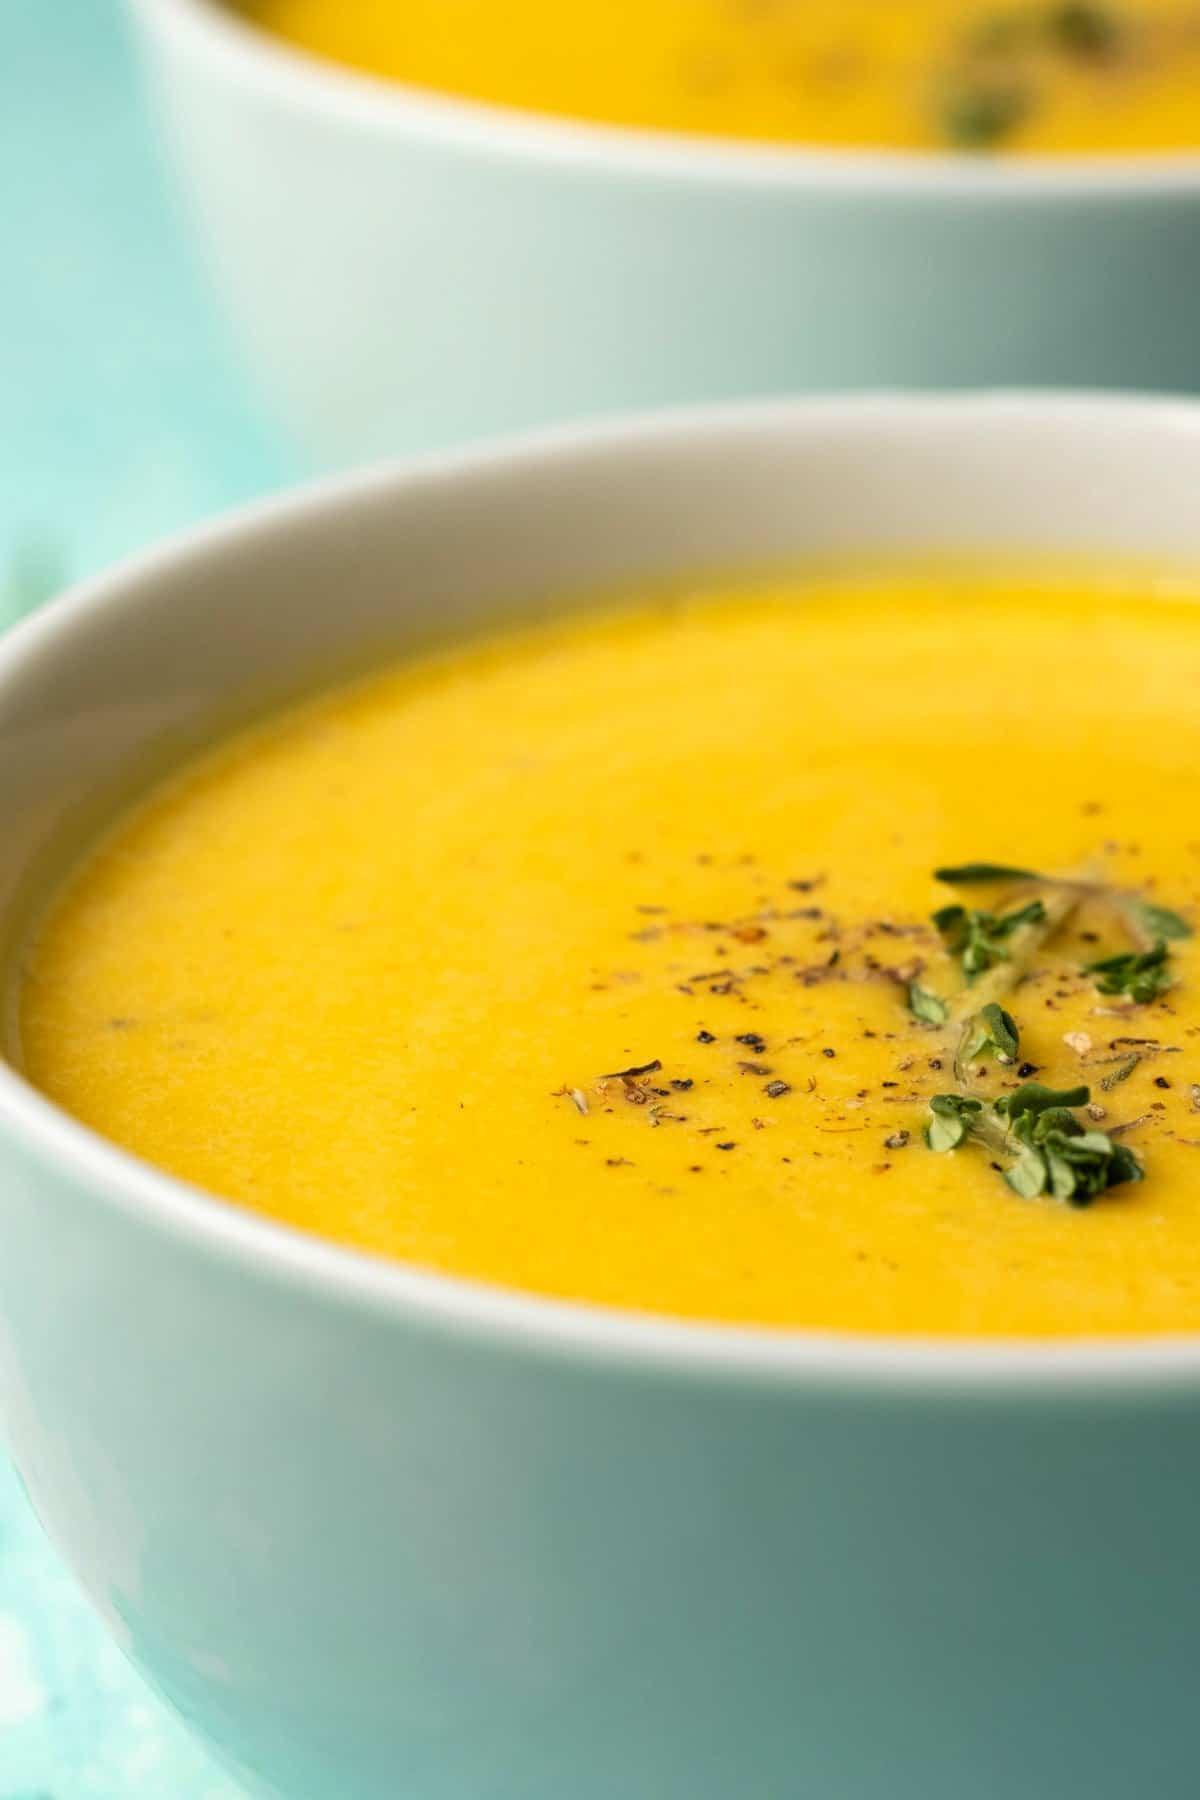 Pumpkin soup in a white bowl.